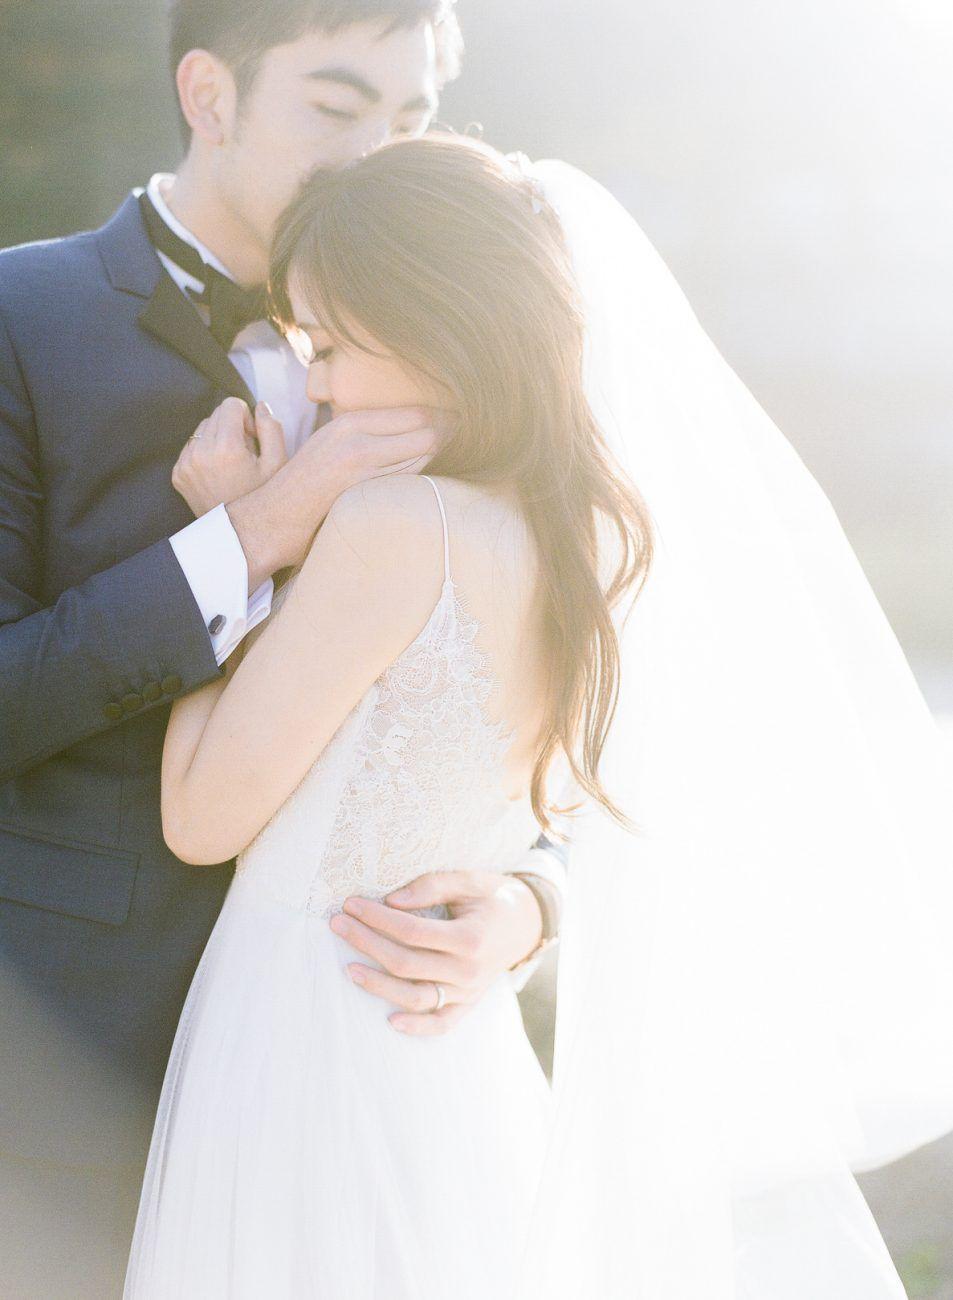 洋楽ラブソング 2018年結婚式を感動的にしてくれるbgm 曲12選 ウェディングソング ウェディングドレス 花嫁